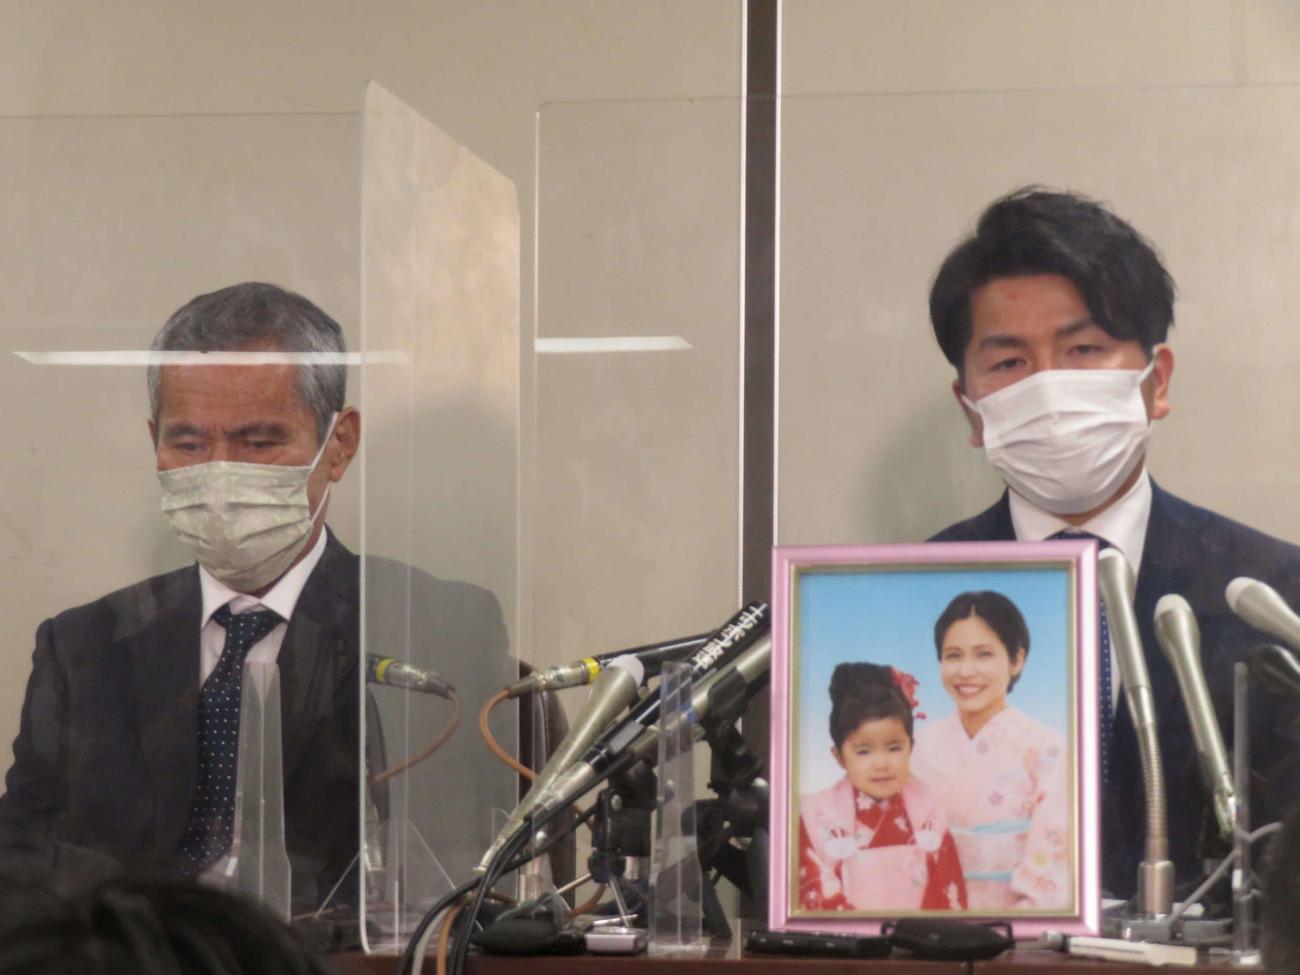 判決後、会見を開く松永拓也さん(右)と義父の上原義教さん(撮影・村上幸将)